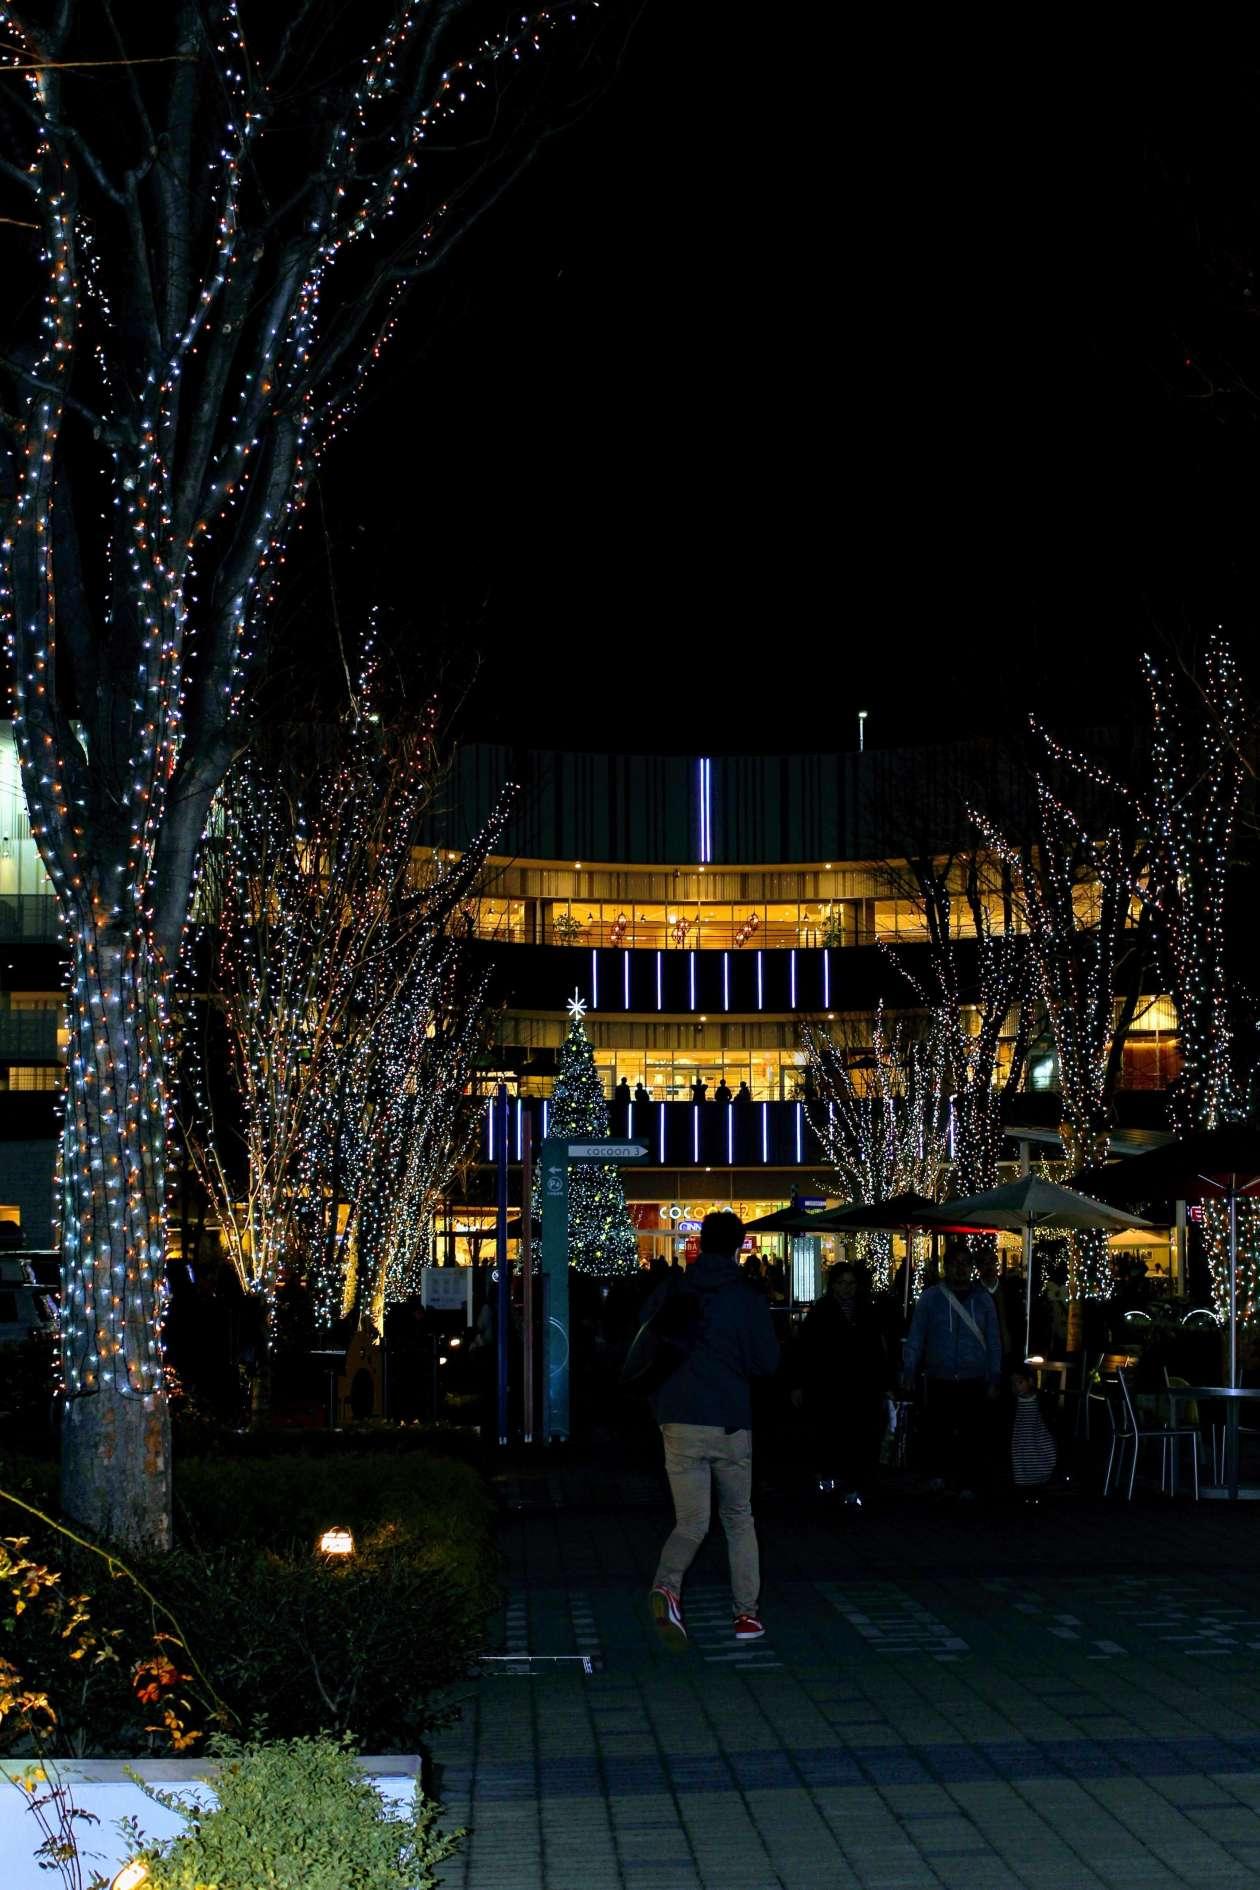 Cocoon City Night Illumination